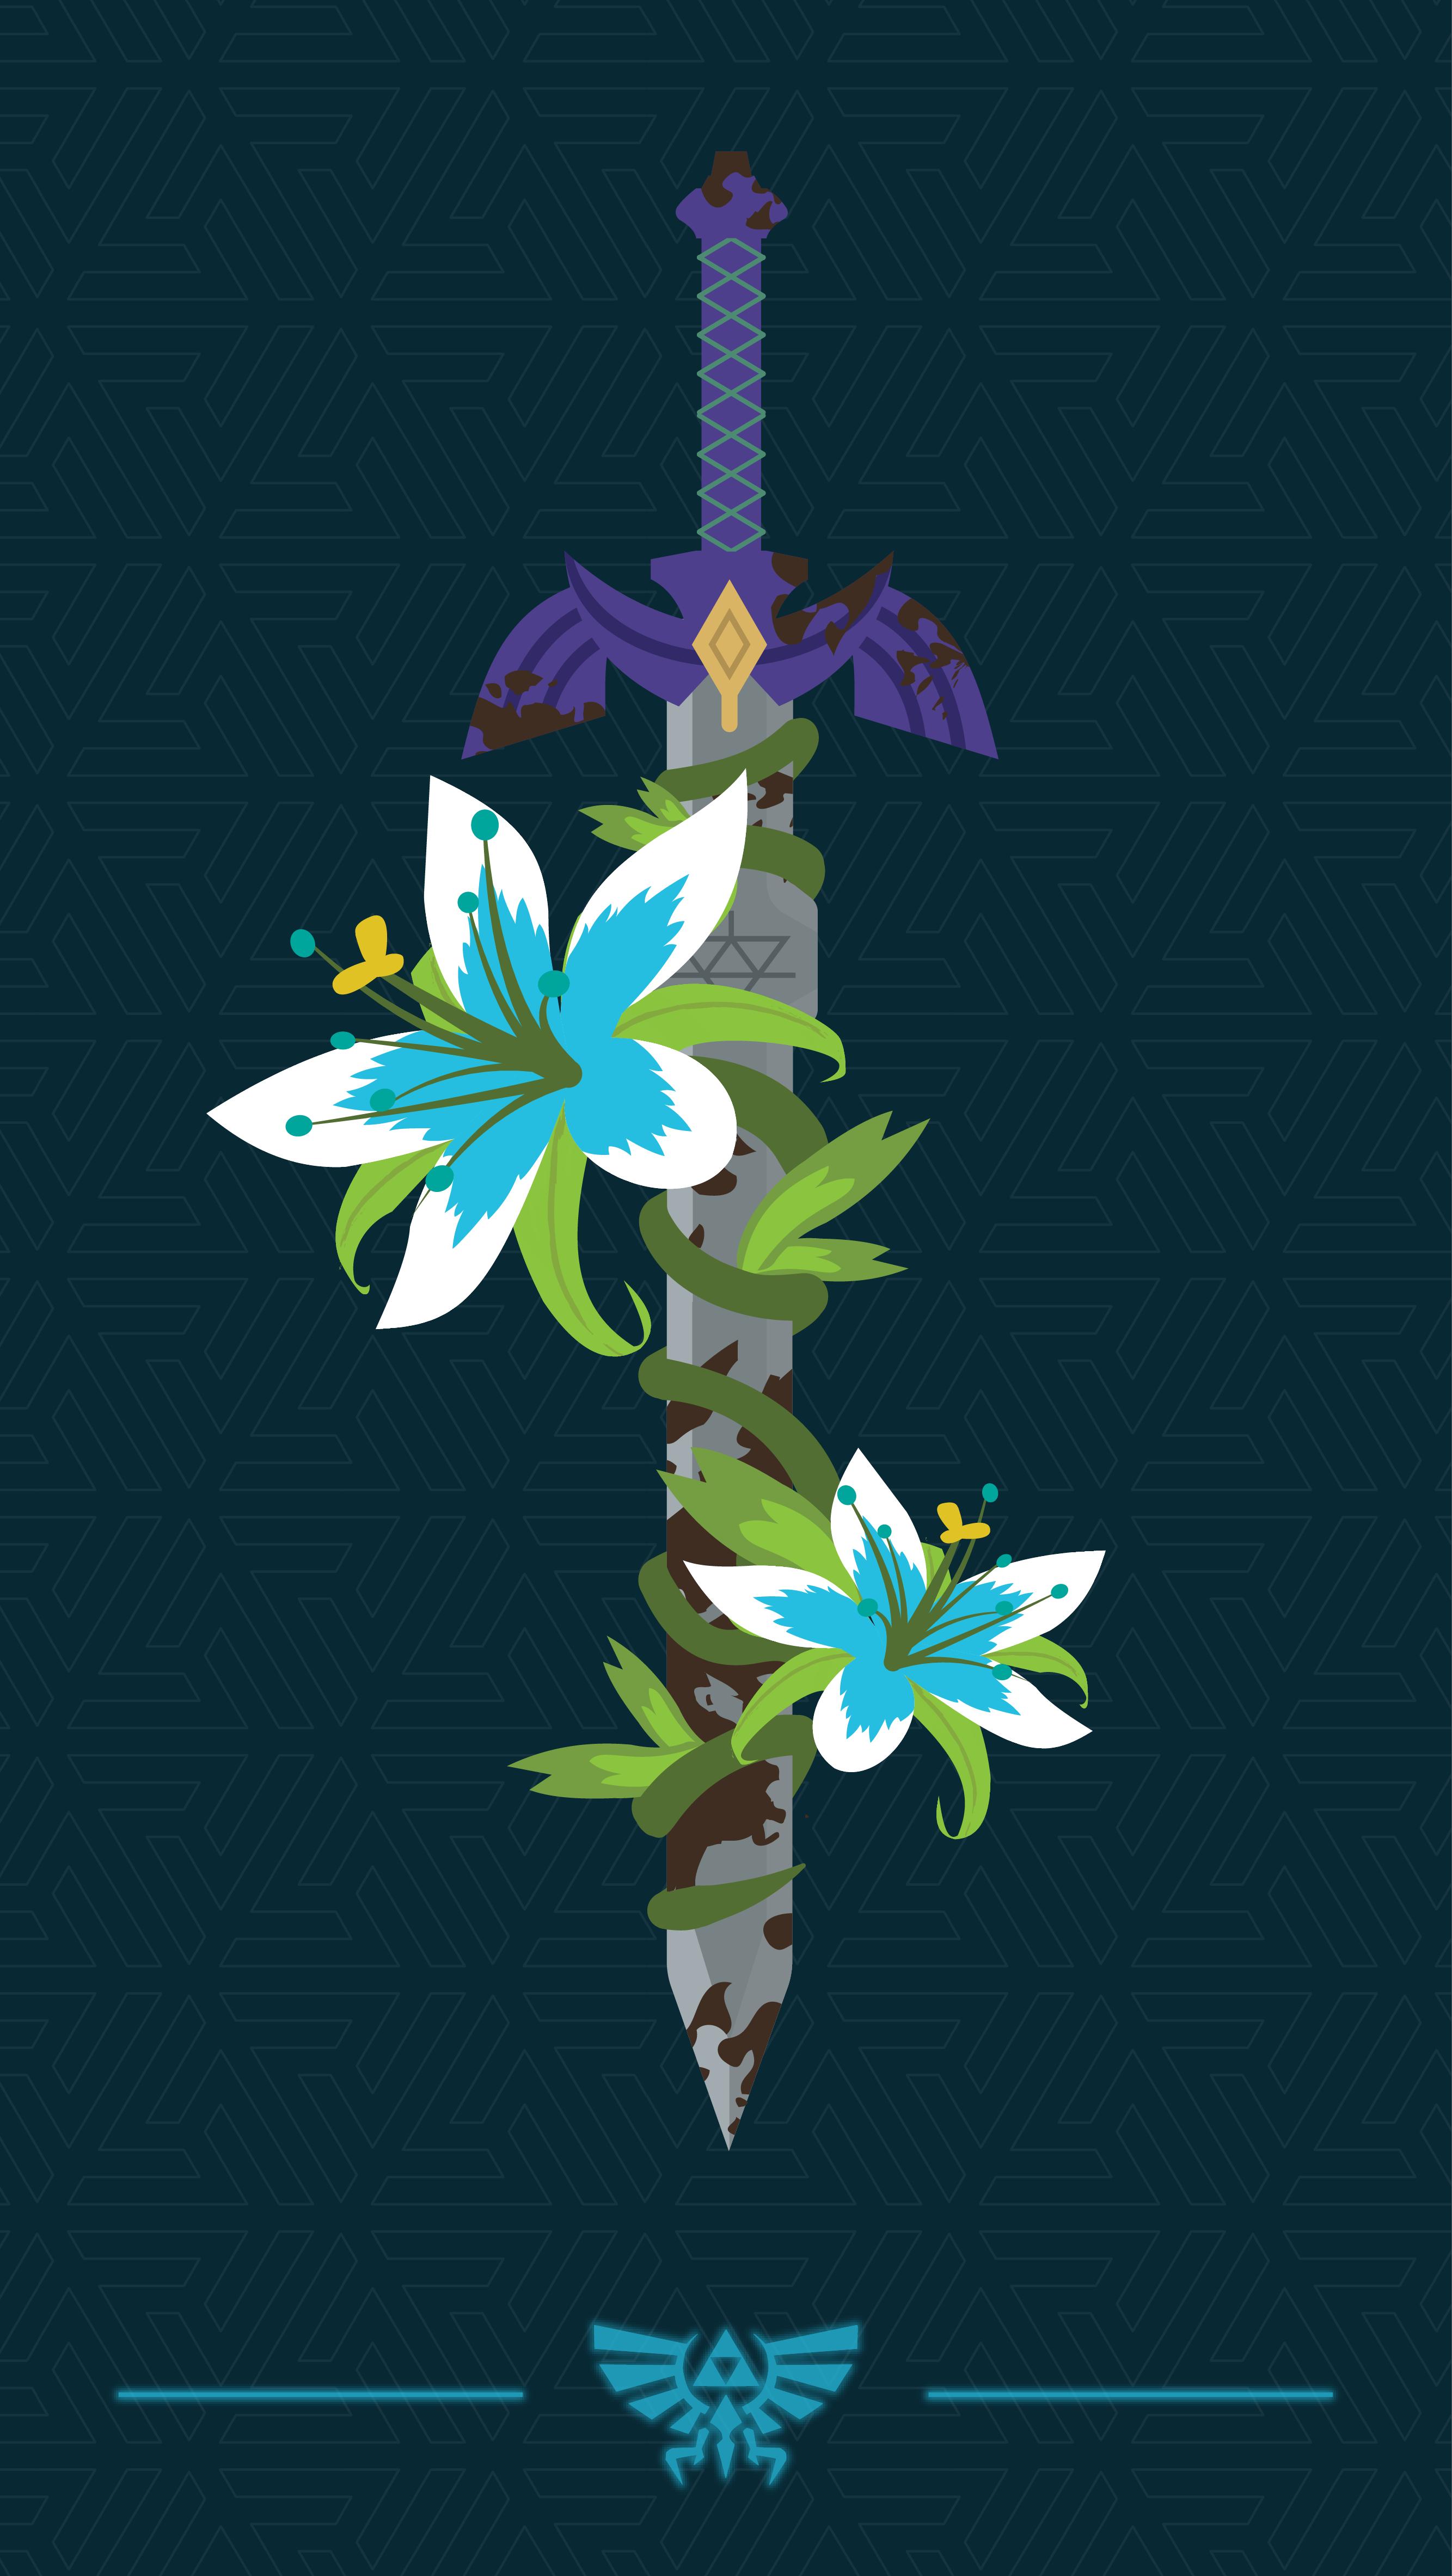 Blaze Zelda 4k In 2020 Game Wallpaper Iphone Zelda Tattoo Legend Of Zelda Breath